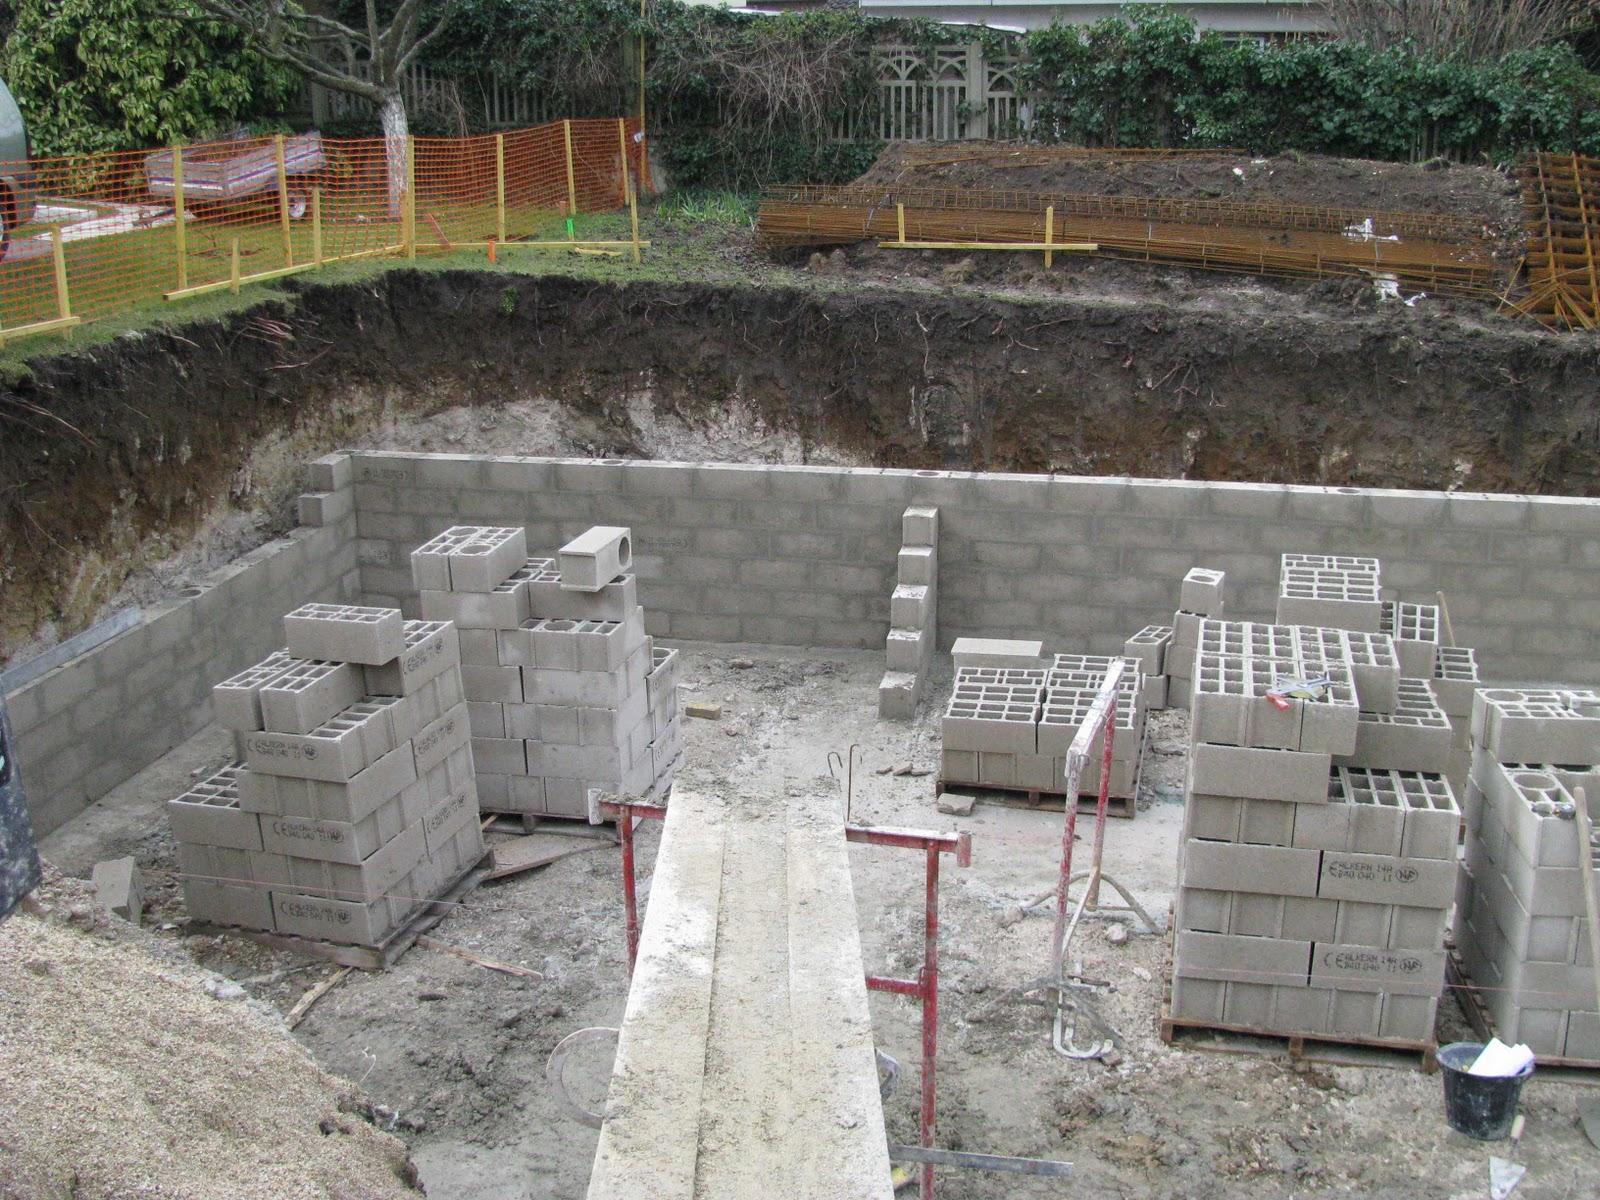 je fais construire ma maison murs de sout nement 2 8. Black Bedroom Furniture Sets. Home Design Ideas